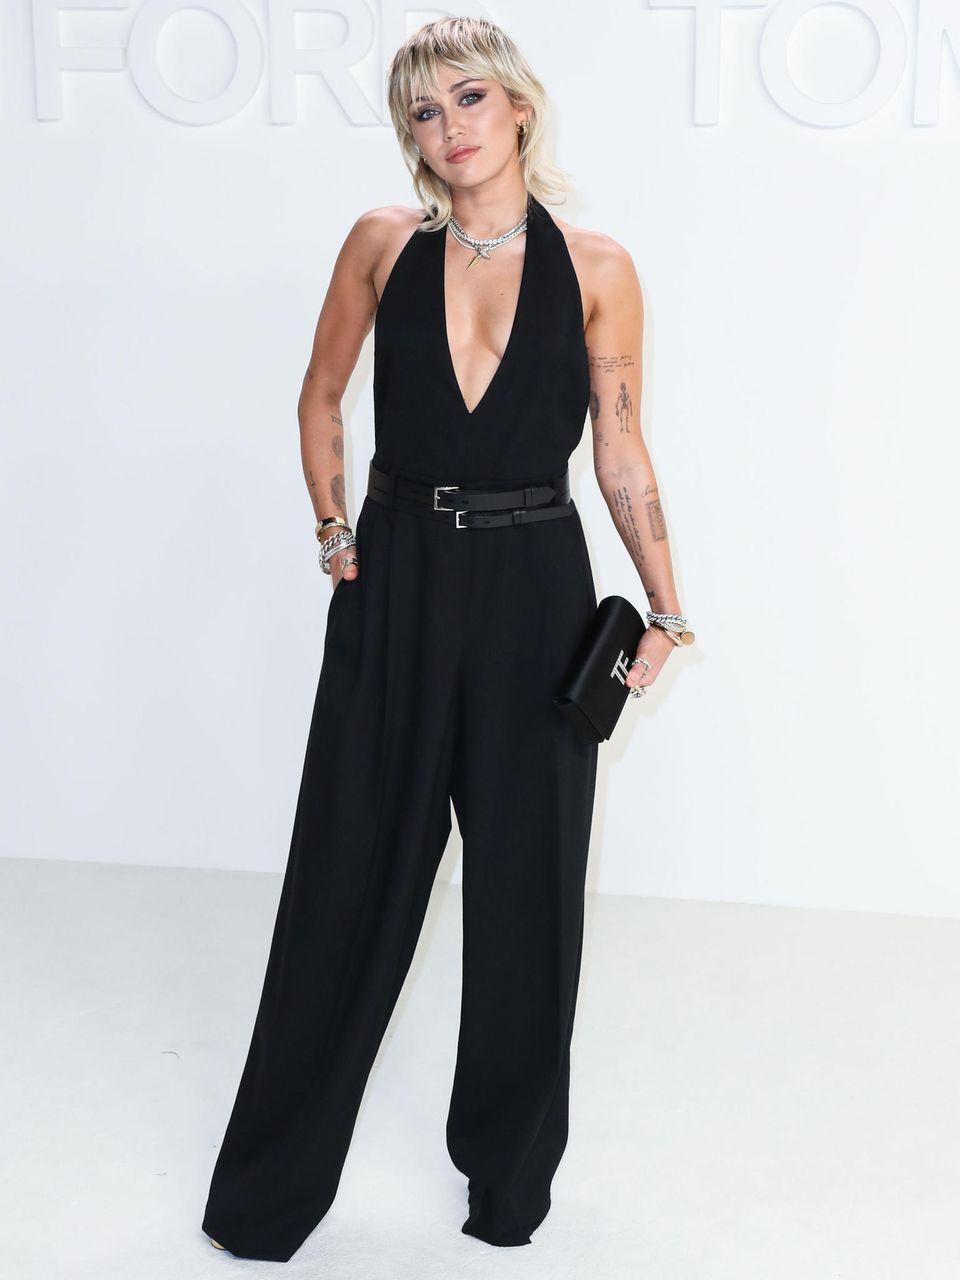 Sängerin Miley Cyrus erscheint zur Fashion-Show in New York in einem tiefdekolletierten Overall mit weiten Bein und Neckholder-Schnitt. Zwei Gürtel in der Taille zaubern der hübschen Blondine eine schlanke Silhouette.